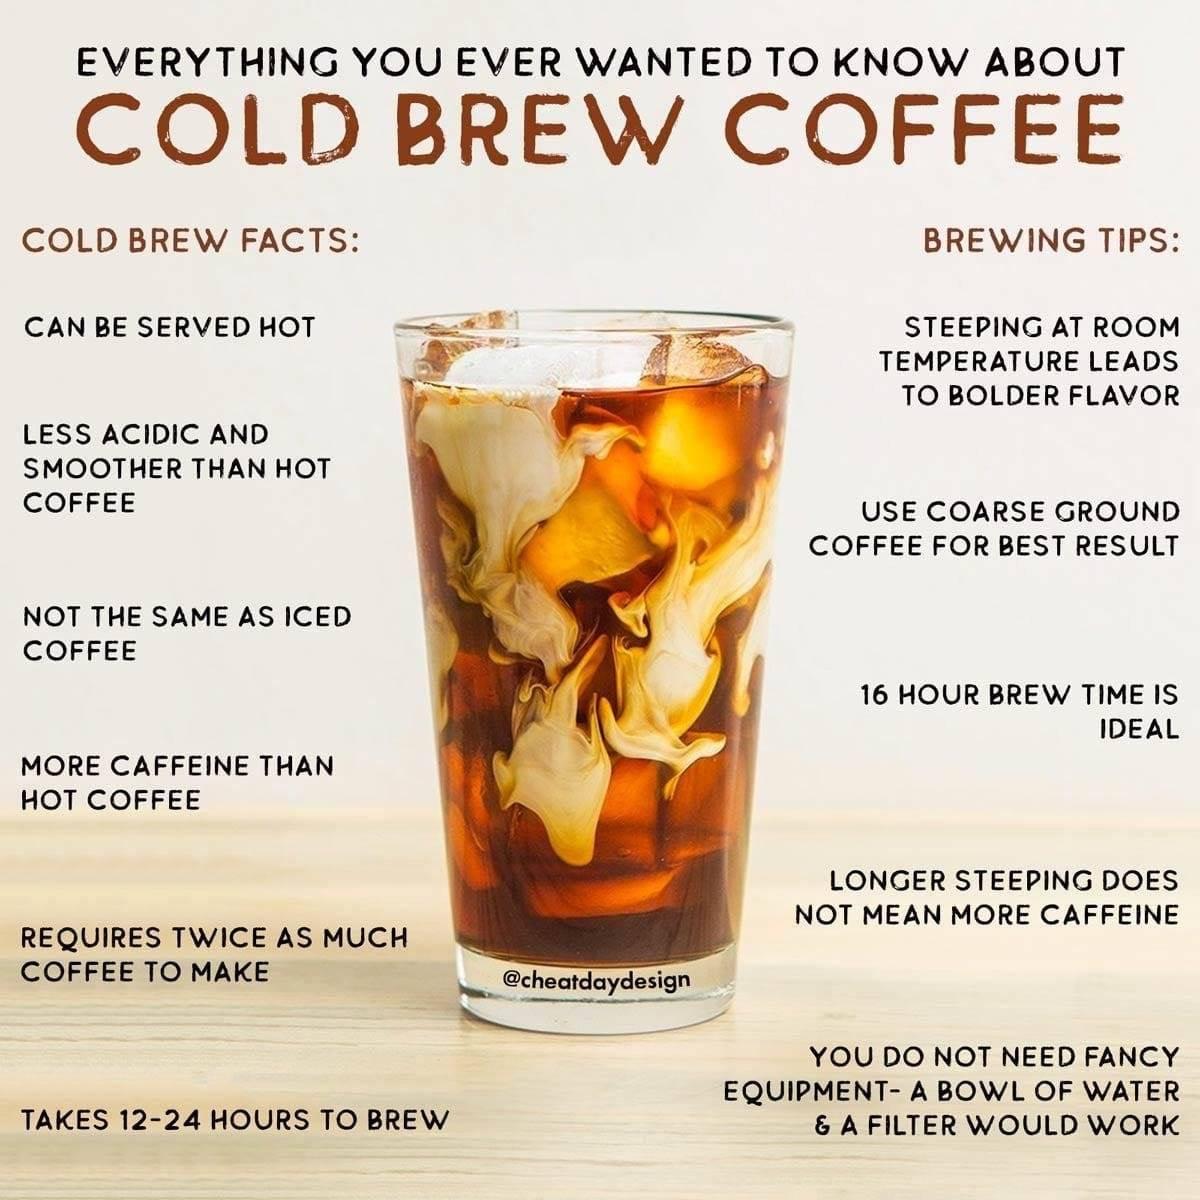 Кофе— эксперт рассказал, как варить кофе по-ирландски, что такое колд брю икакой кофе попробовать / нв